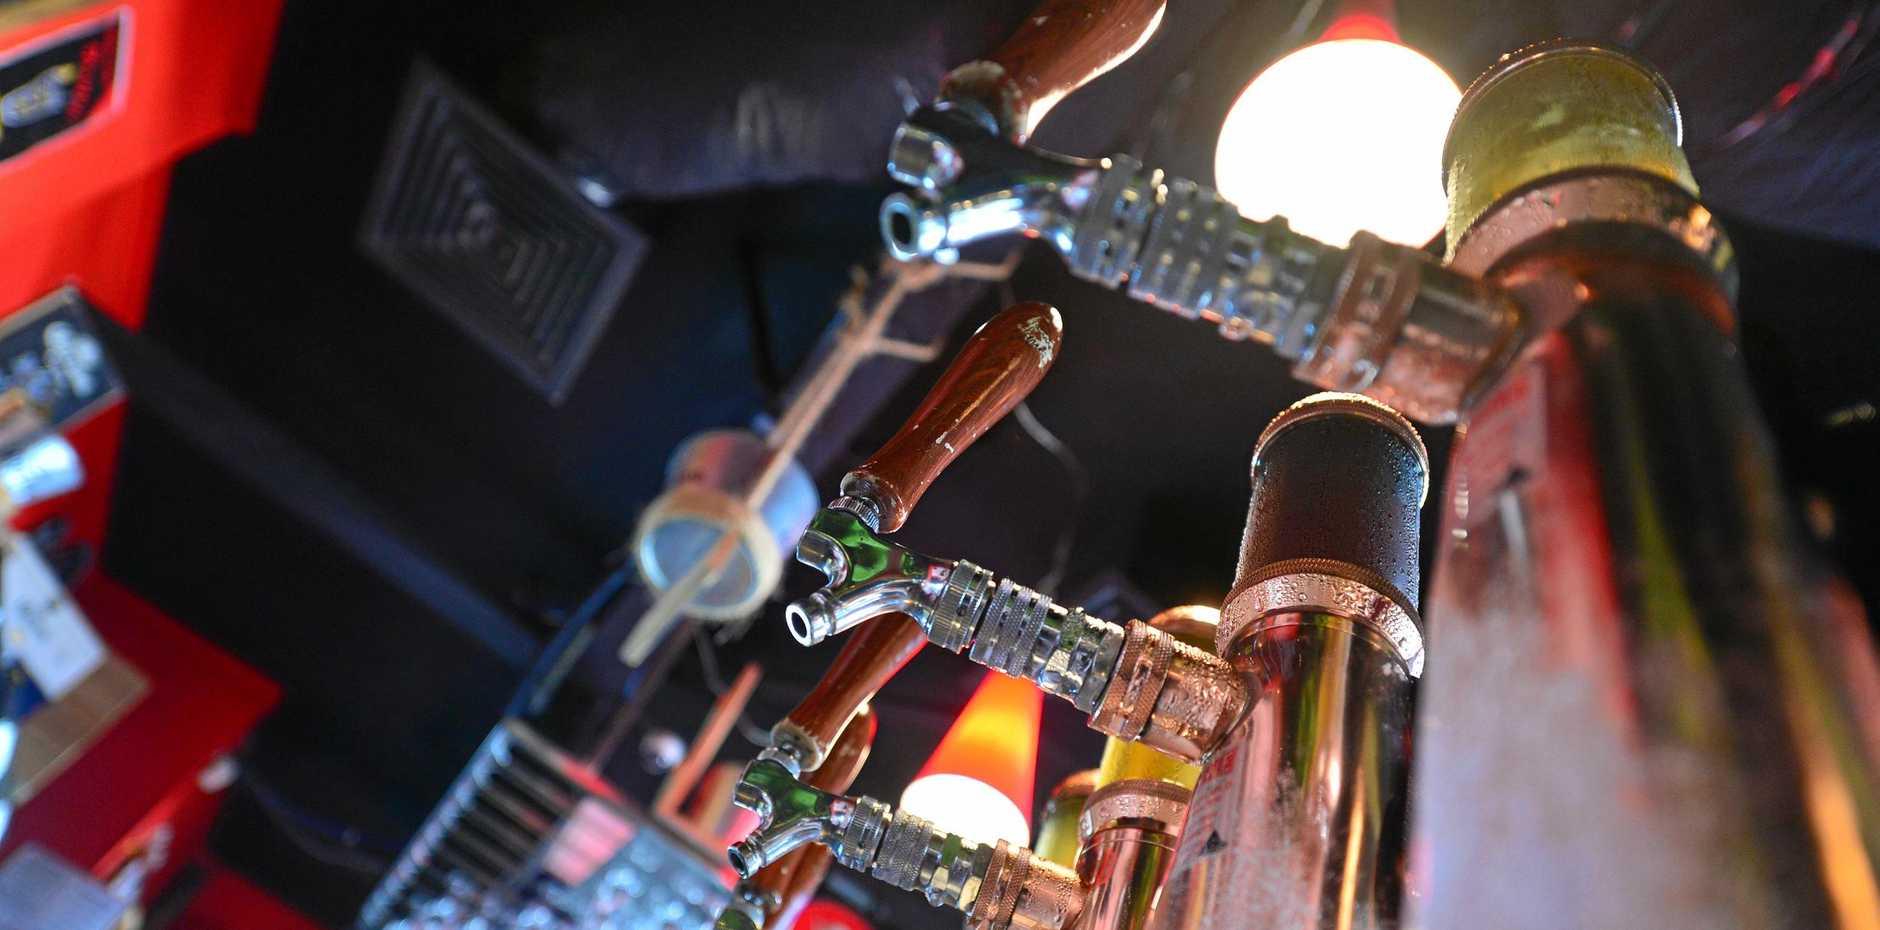 Generic beer taps.